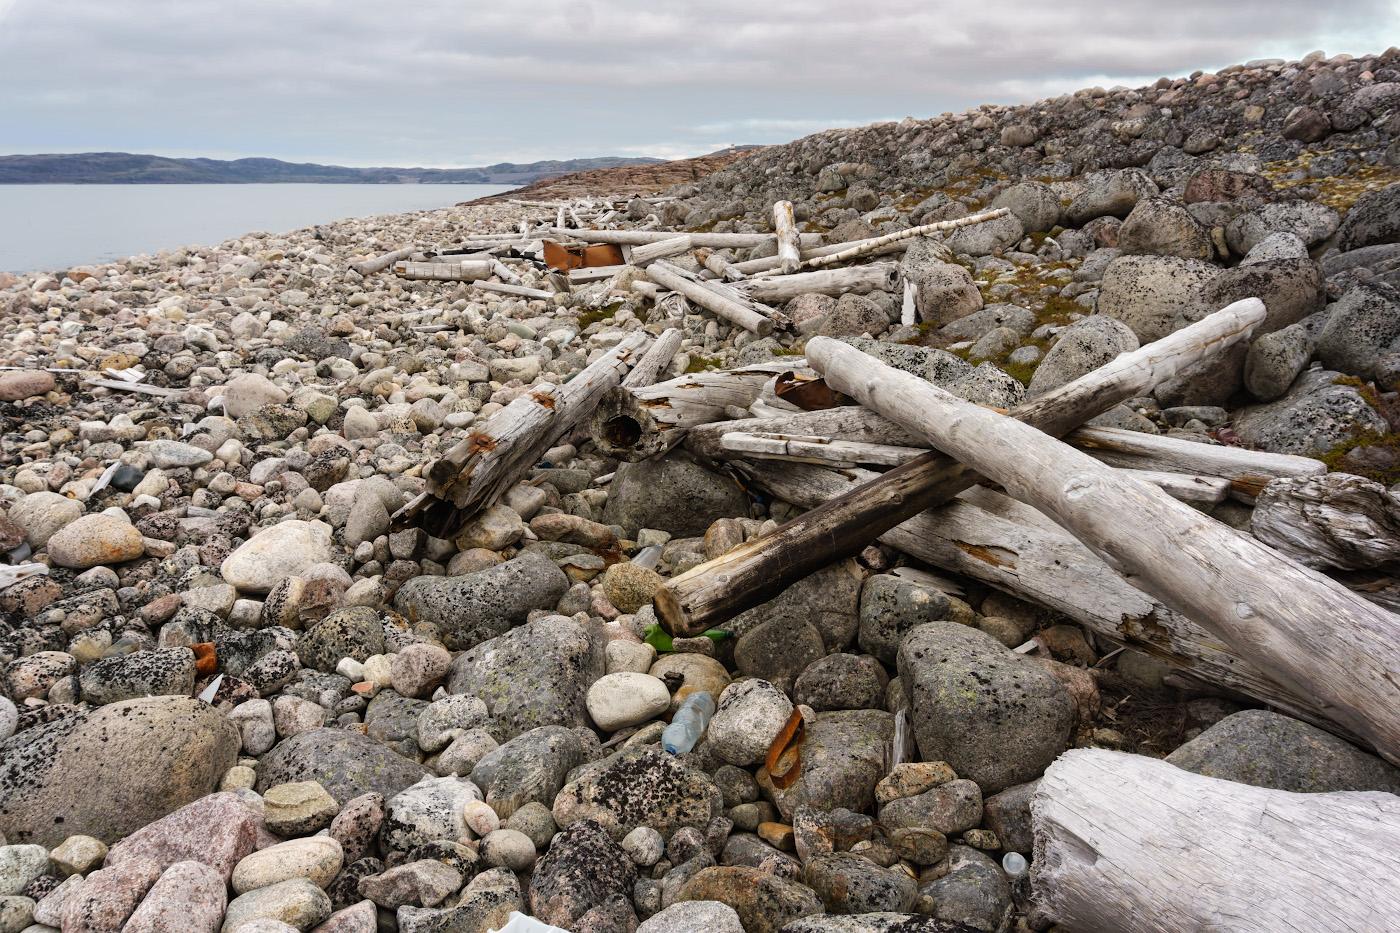 Фотография 19. Берег Баренцева моря. Териберская губа. Вдали – мыс Жилой.